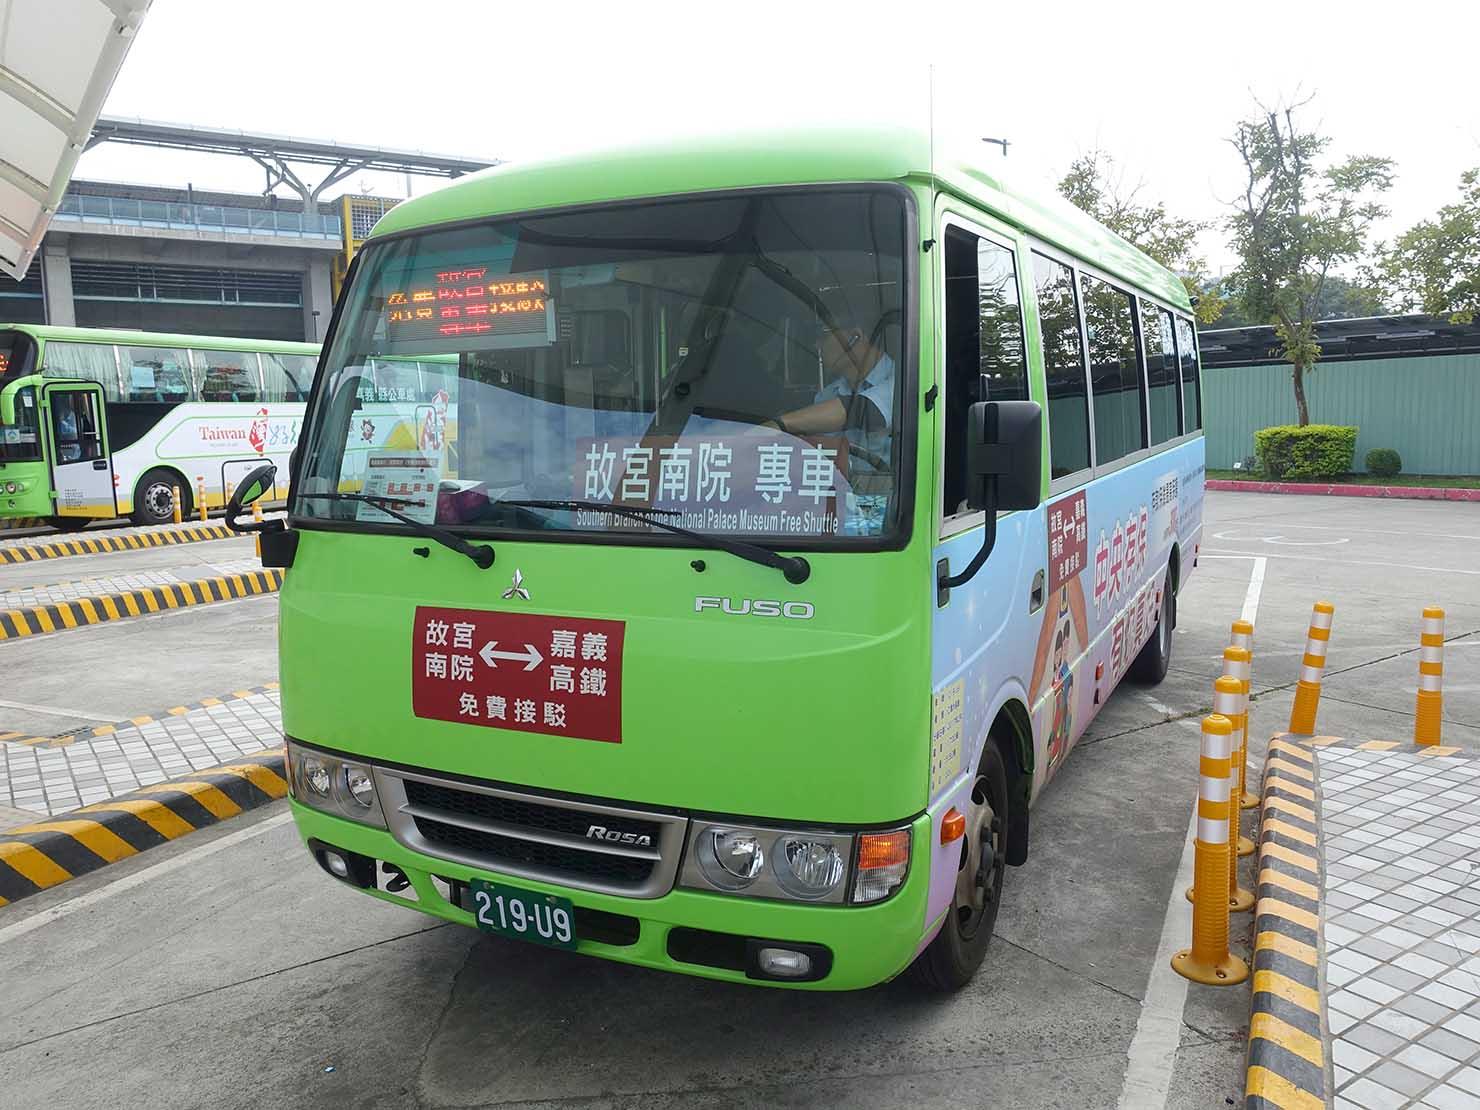 高鐵(台湾新幹線)嘉義駅から故宮南院への無料シャトルバス